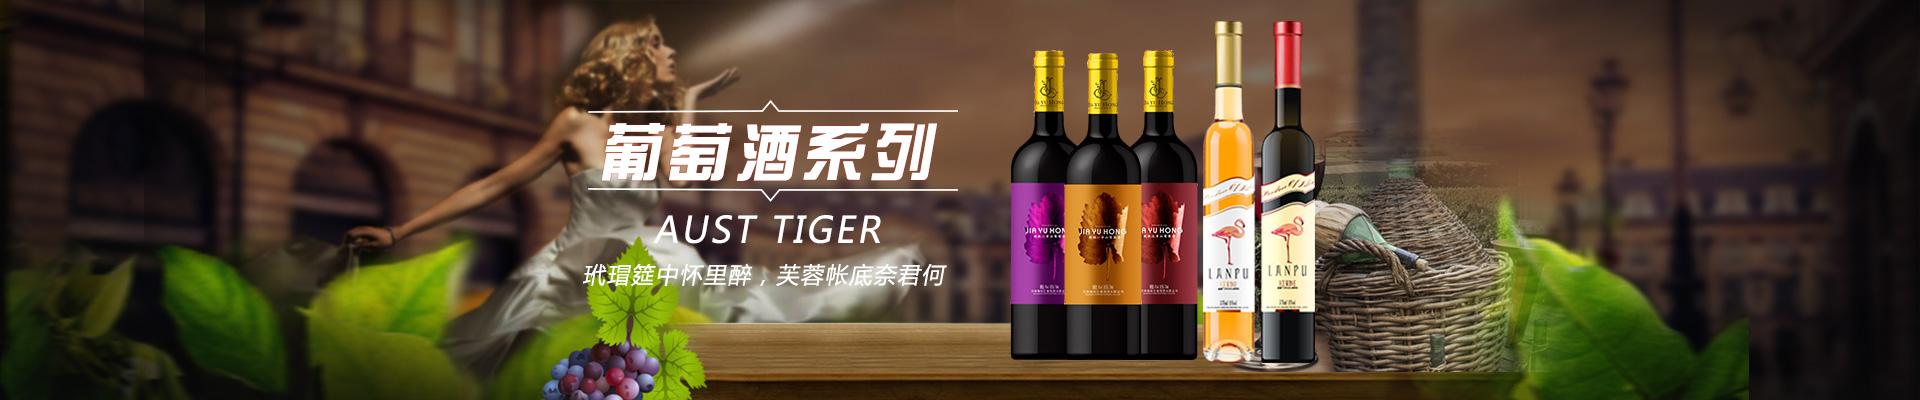 吉林珈裕红葡萄酒有限公司